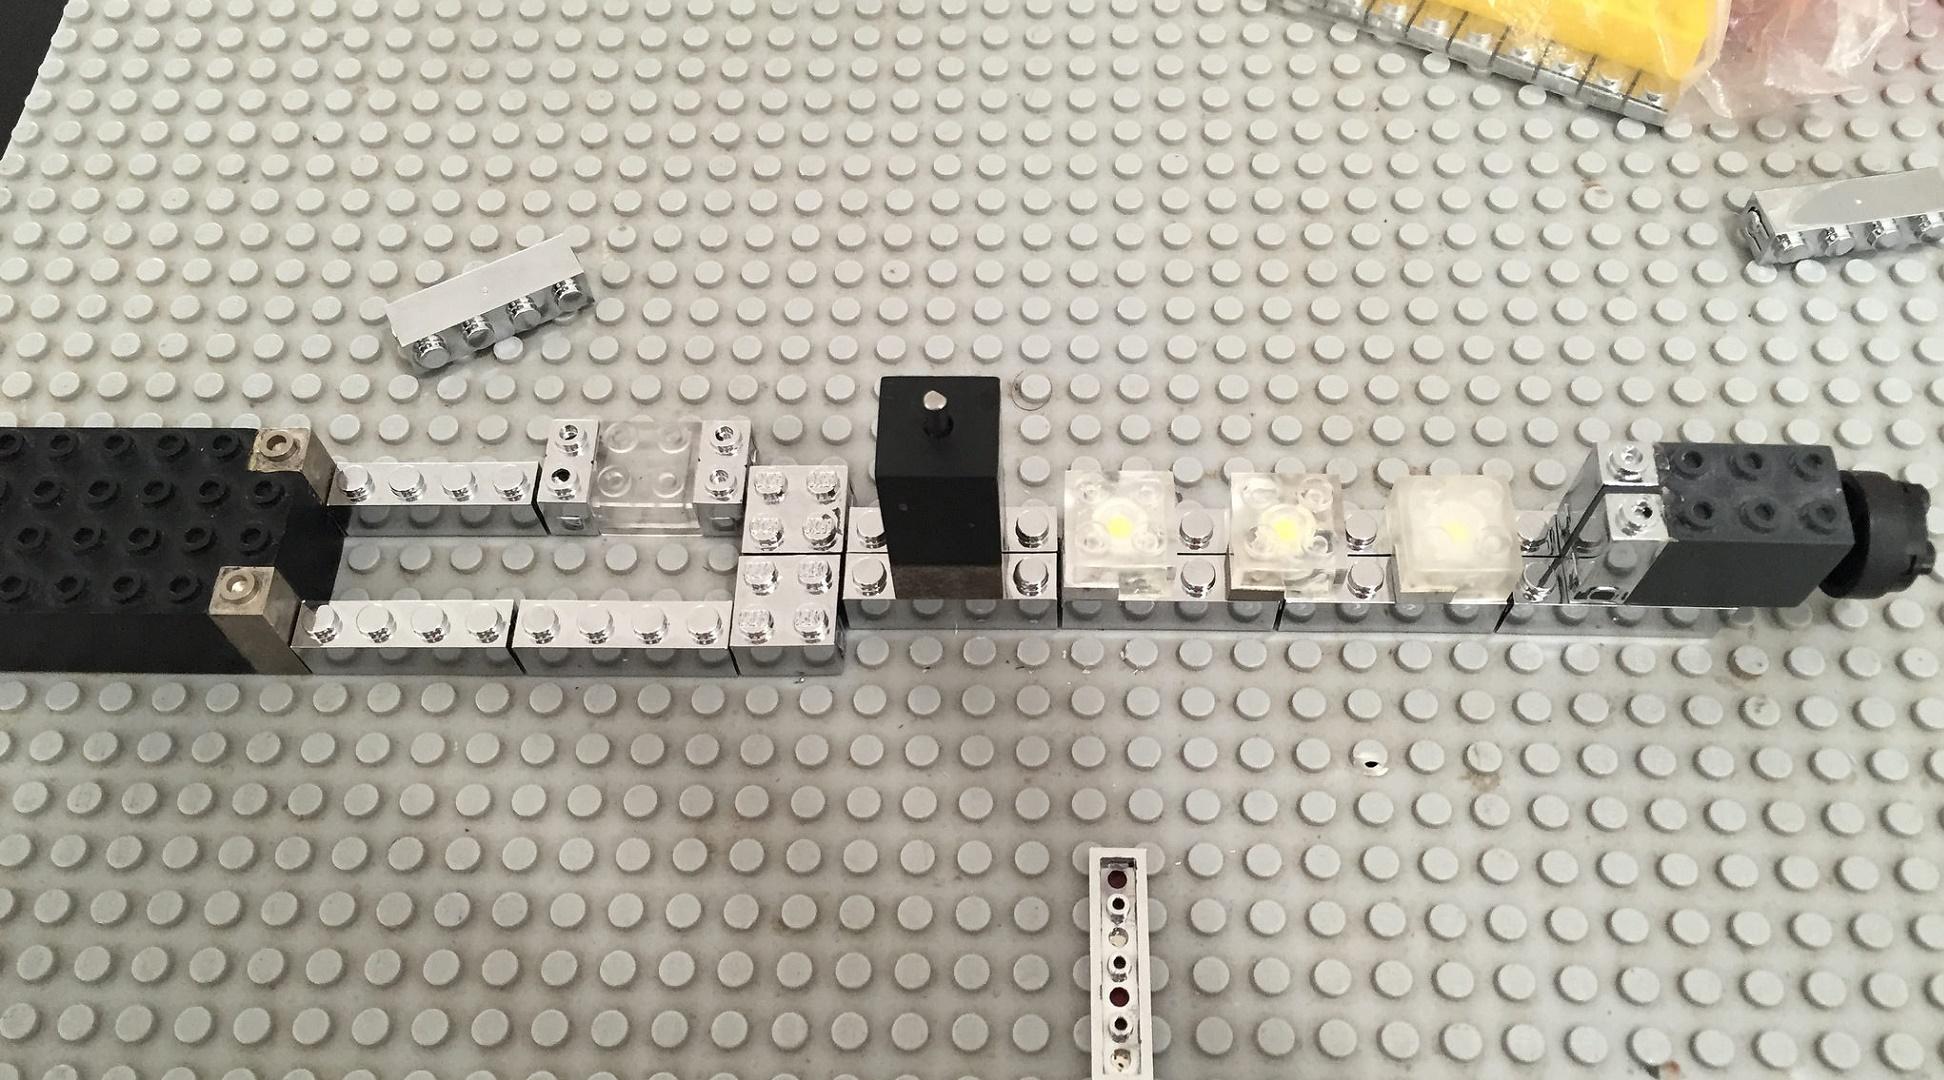 Brixo o cómo crear con piezas tipo Lego circuitos electrónicos sin cables